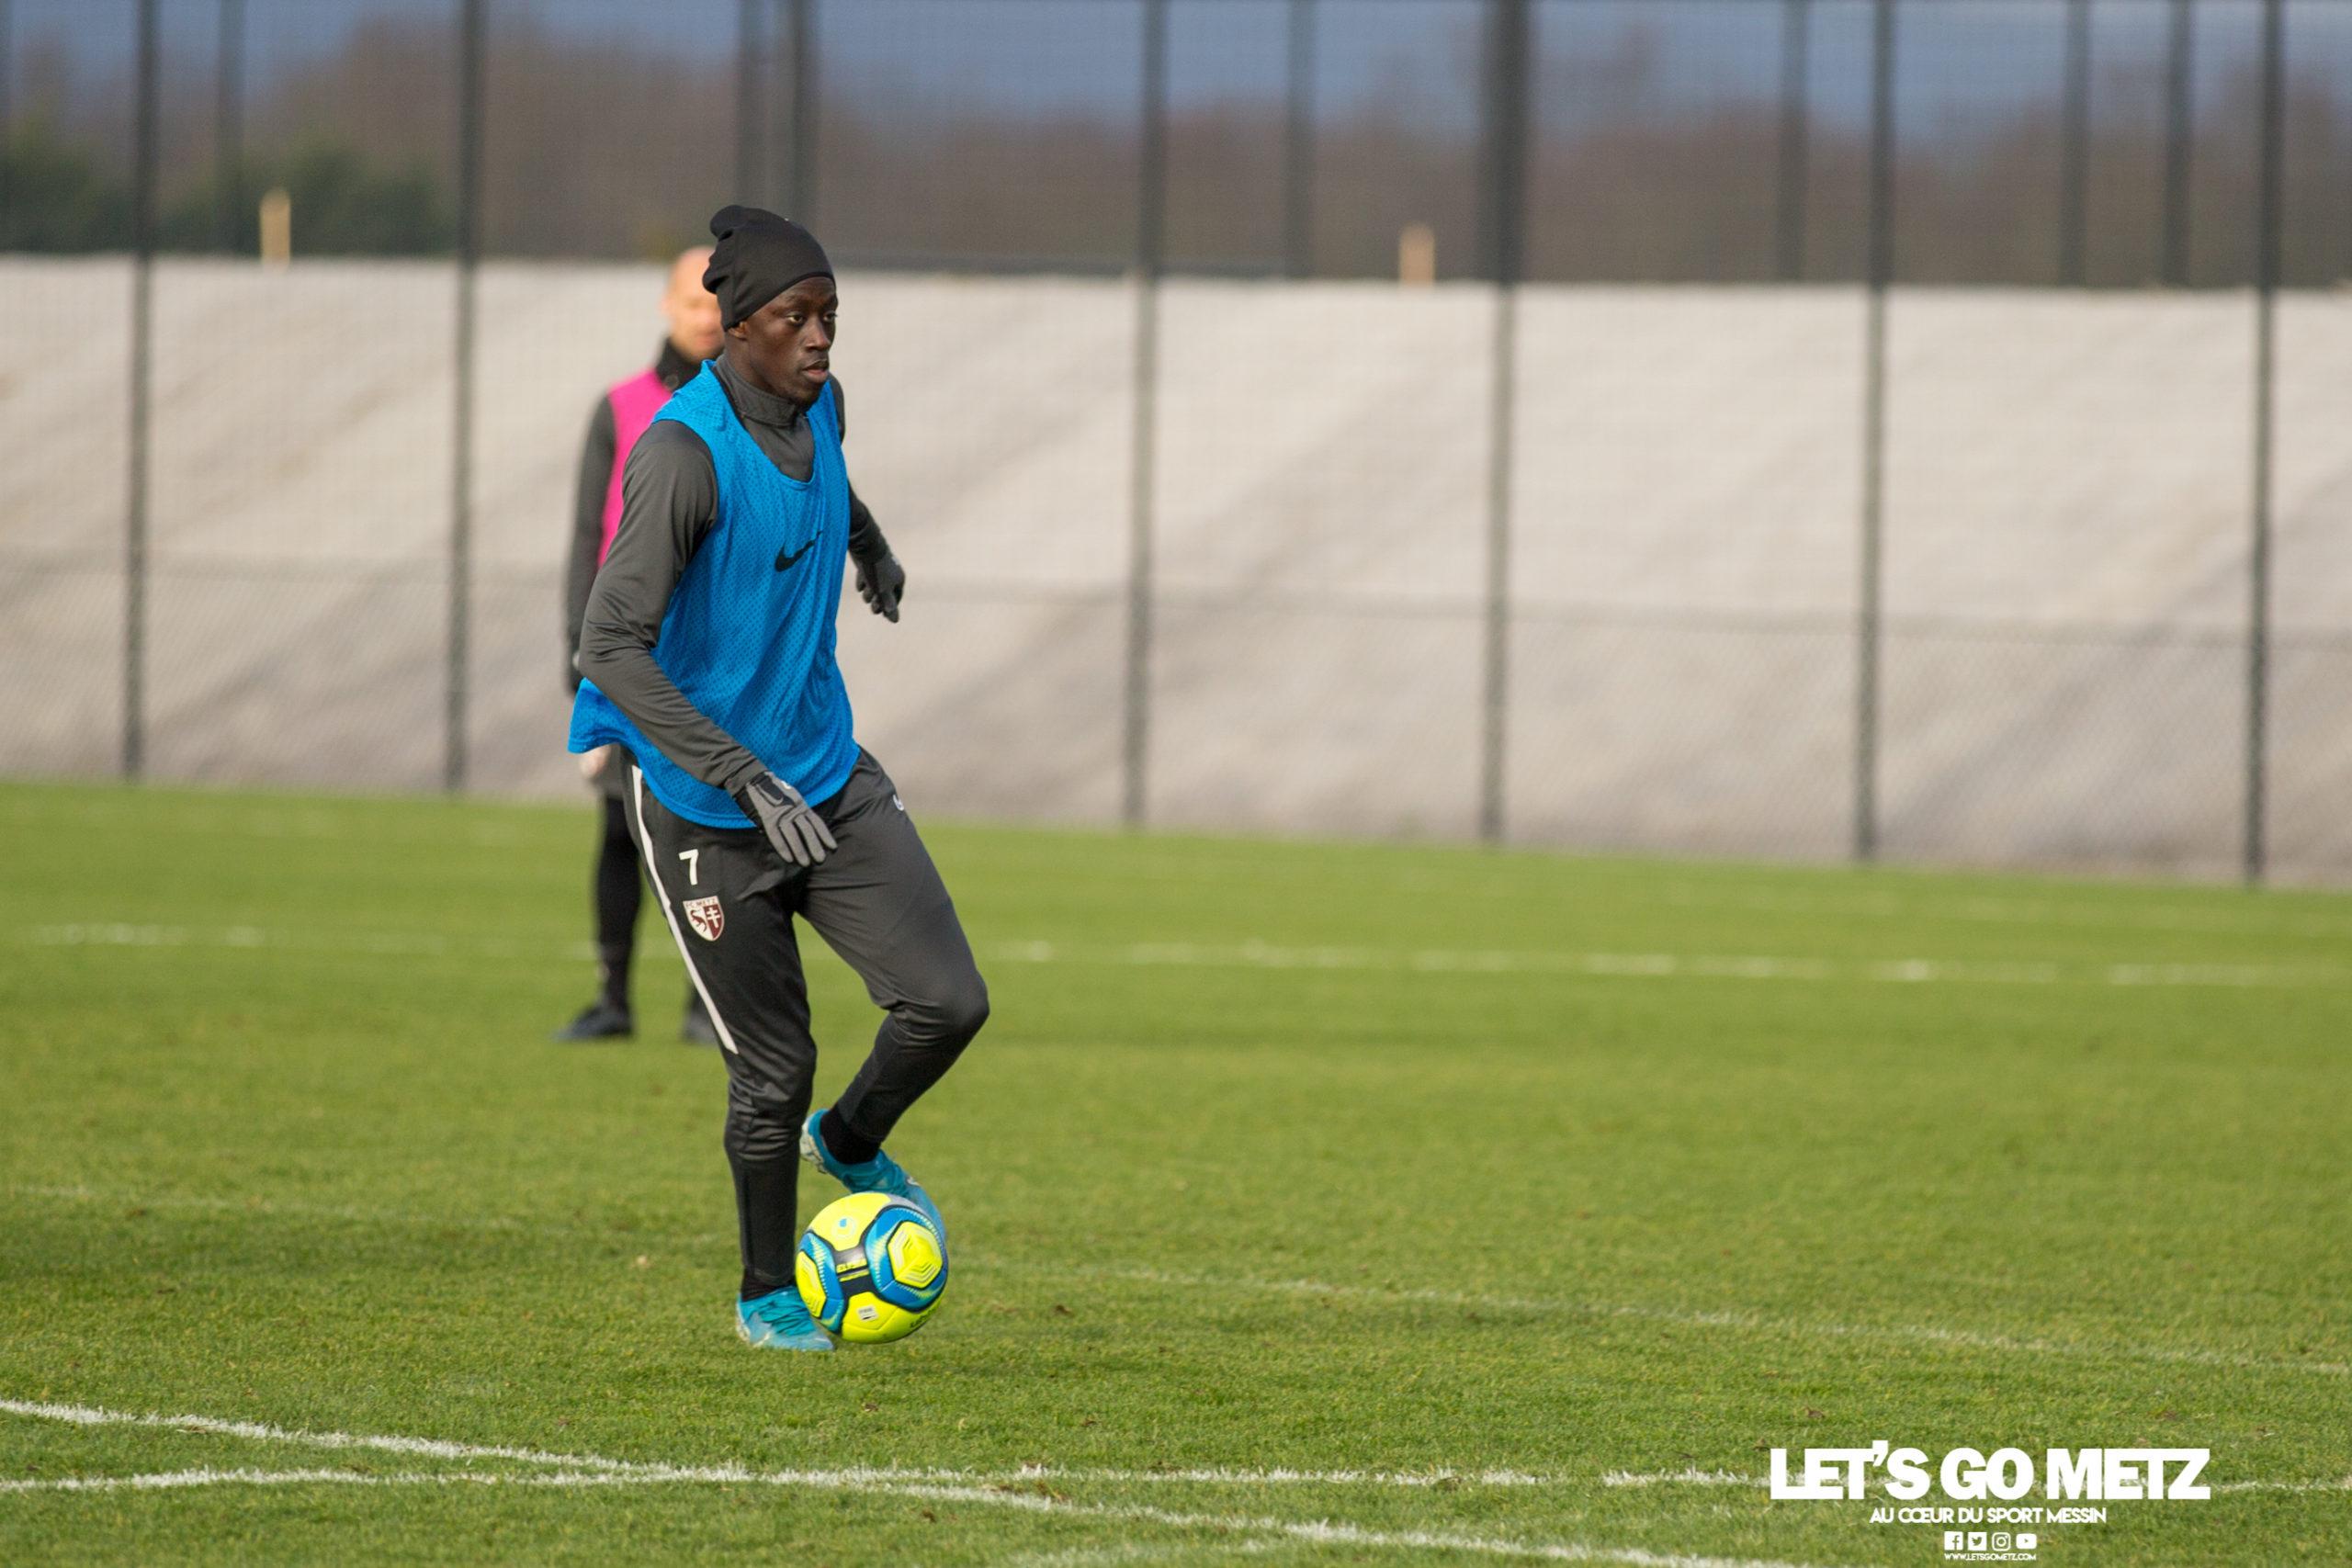 Entrainement FC Metz – 04012020 (10)Niane